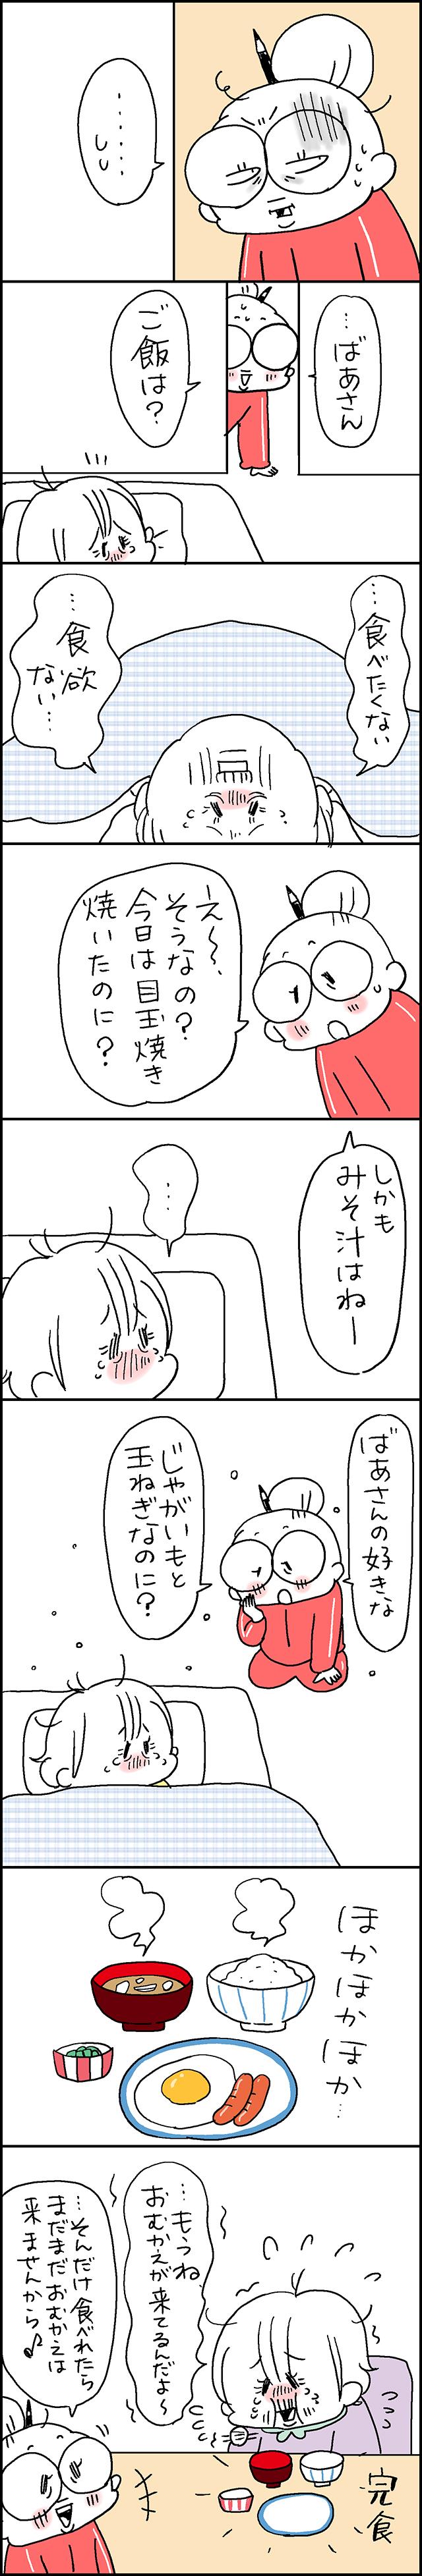 ばあさんひ孫に会う6-B.jpg